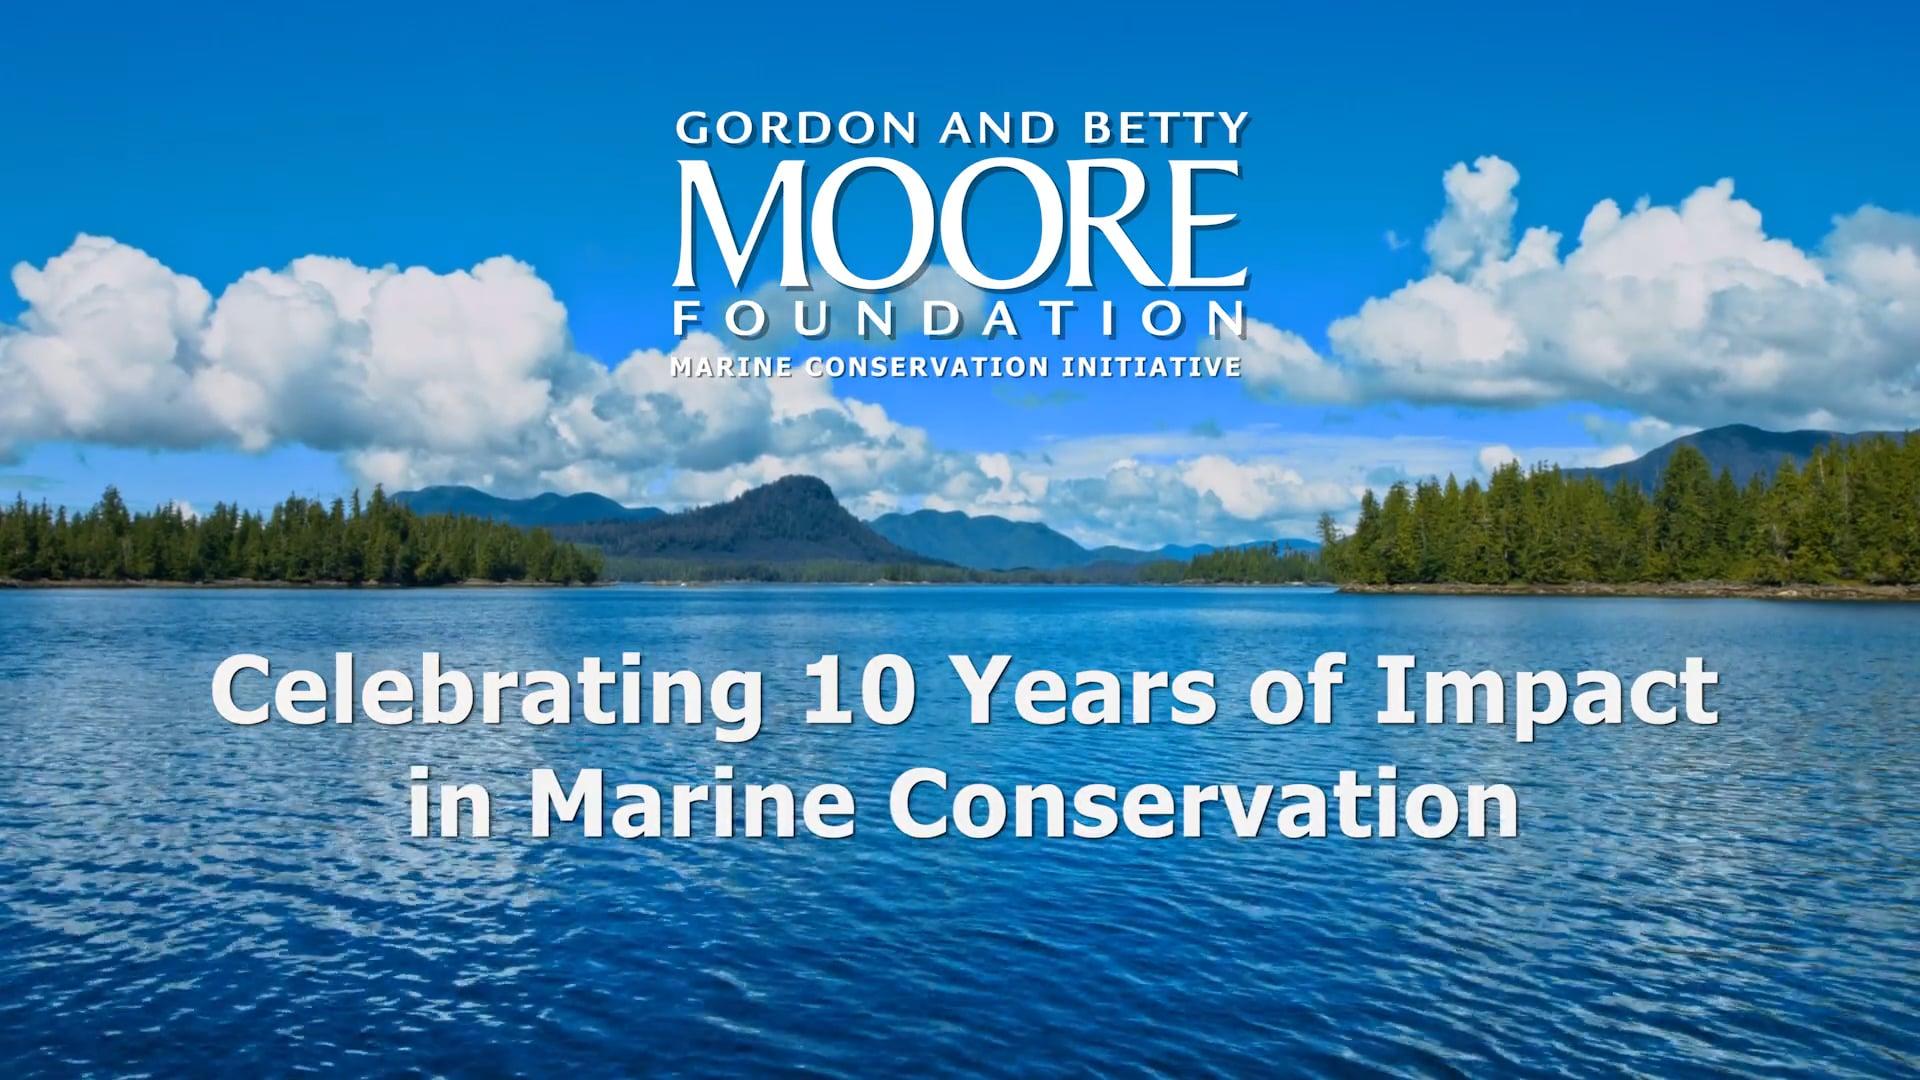 Celebrating 10 Years of Marine Conservation